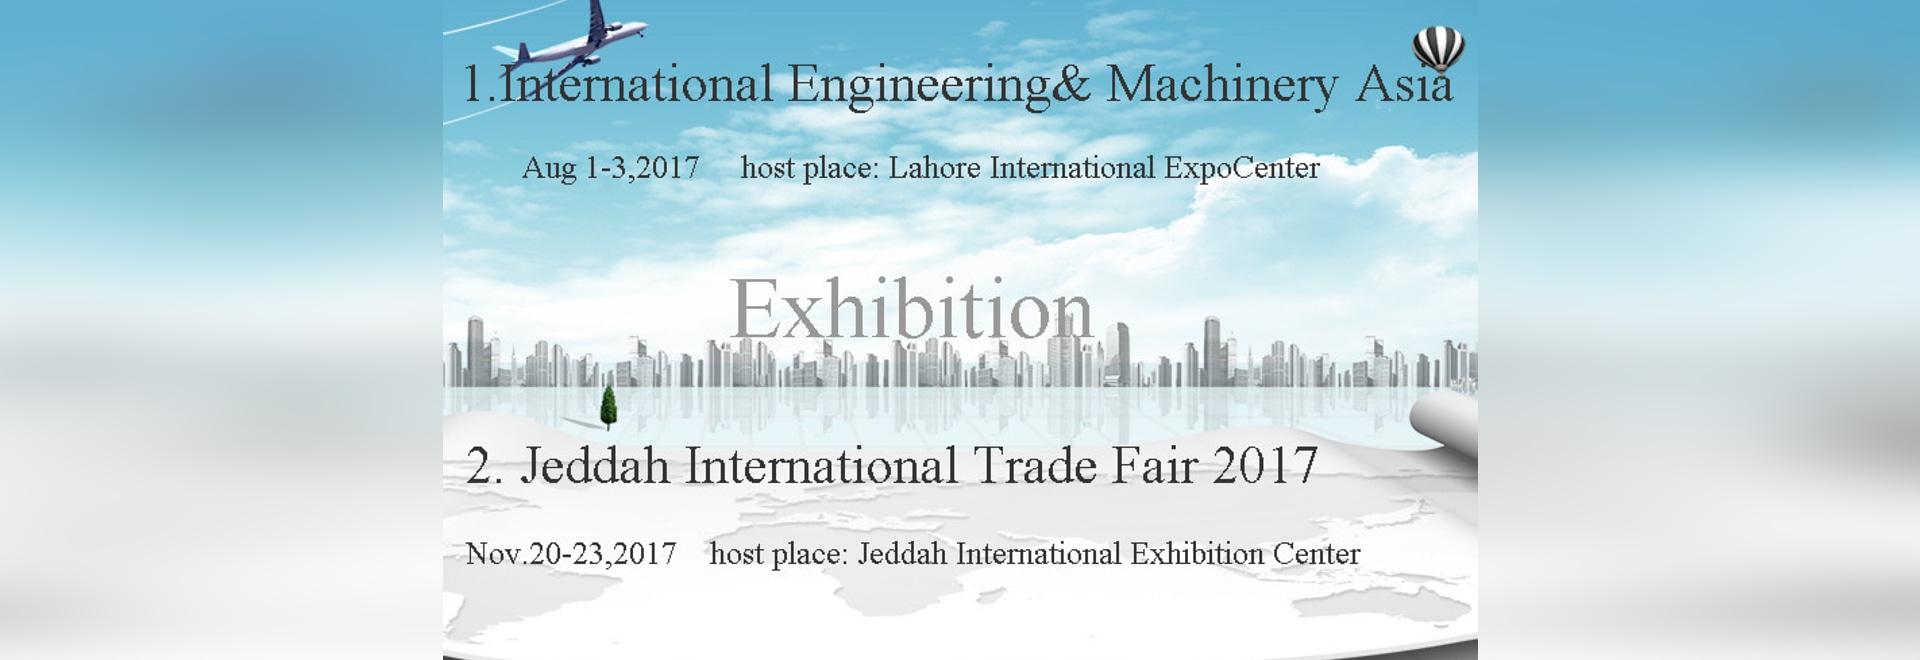 Nous organiserons des expositions au Brésil, Pakistan, Arabie Saoudite